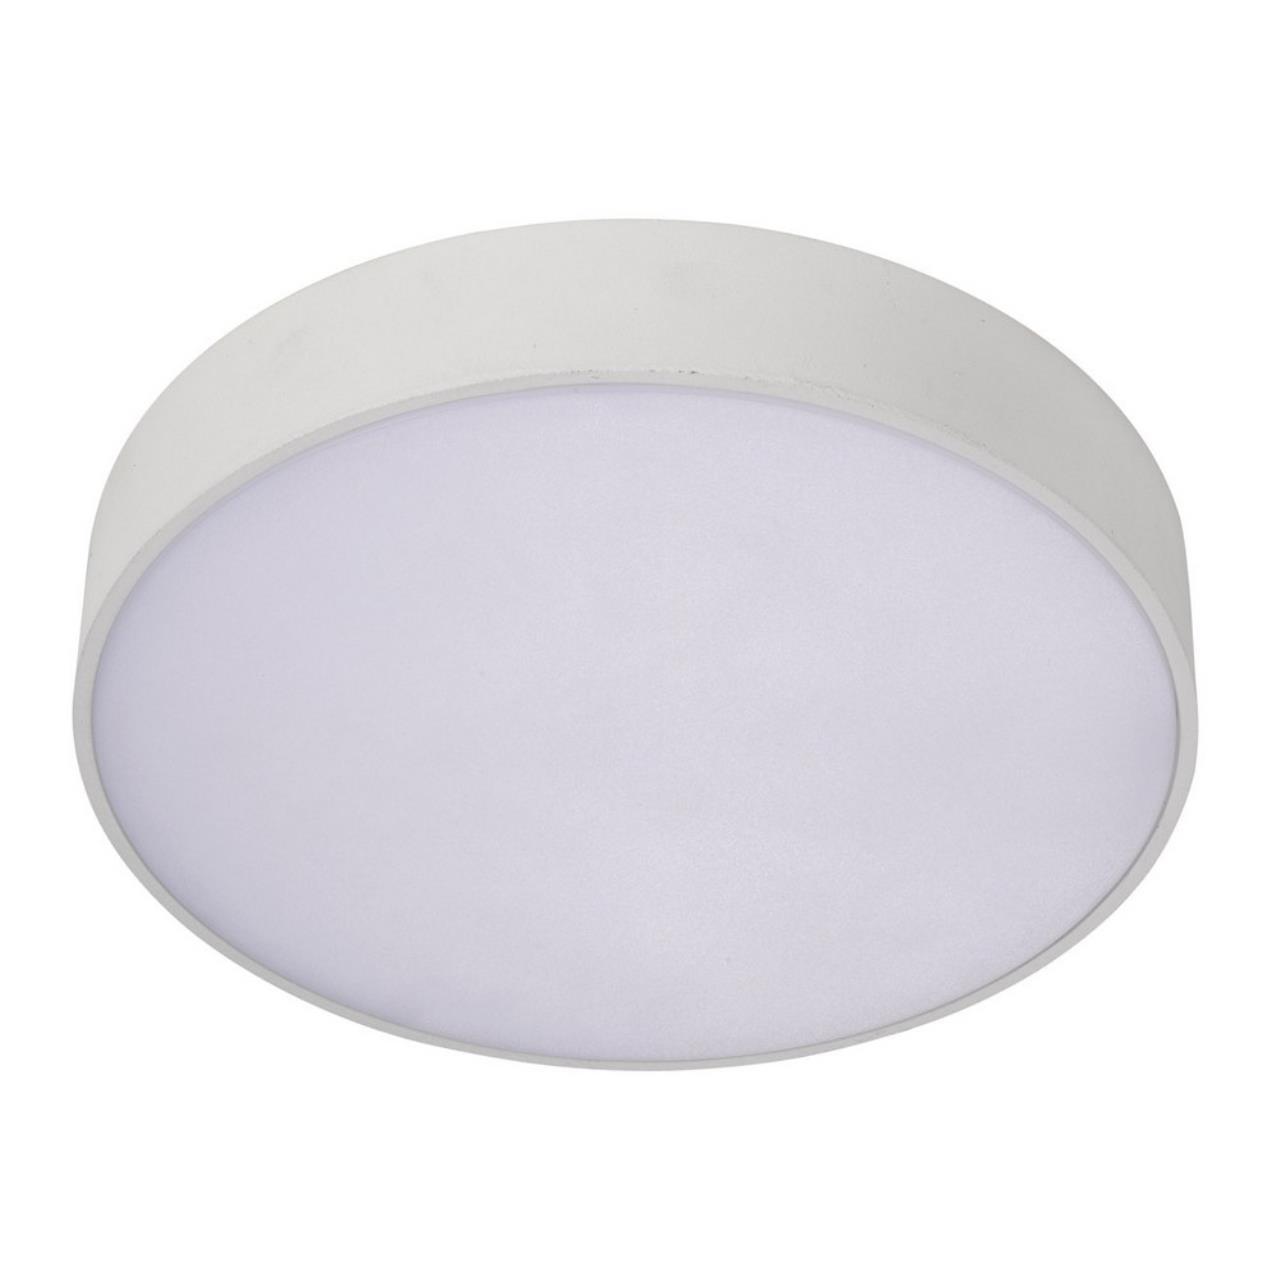 Встраиваемый-накладной светильник Aployt APL.0114.09.18